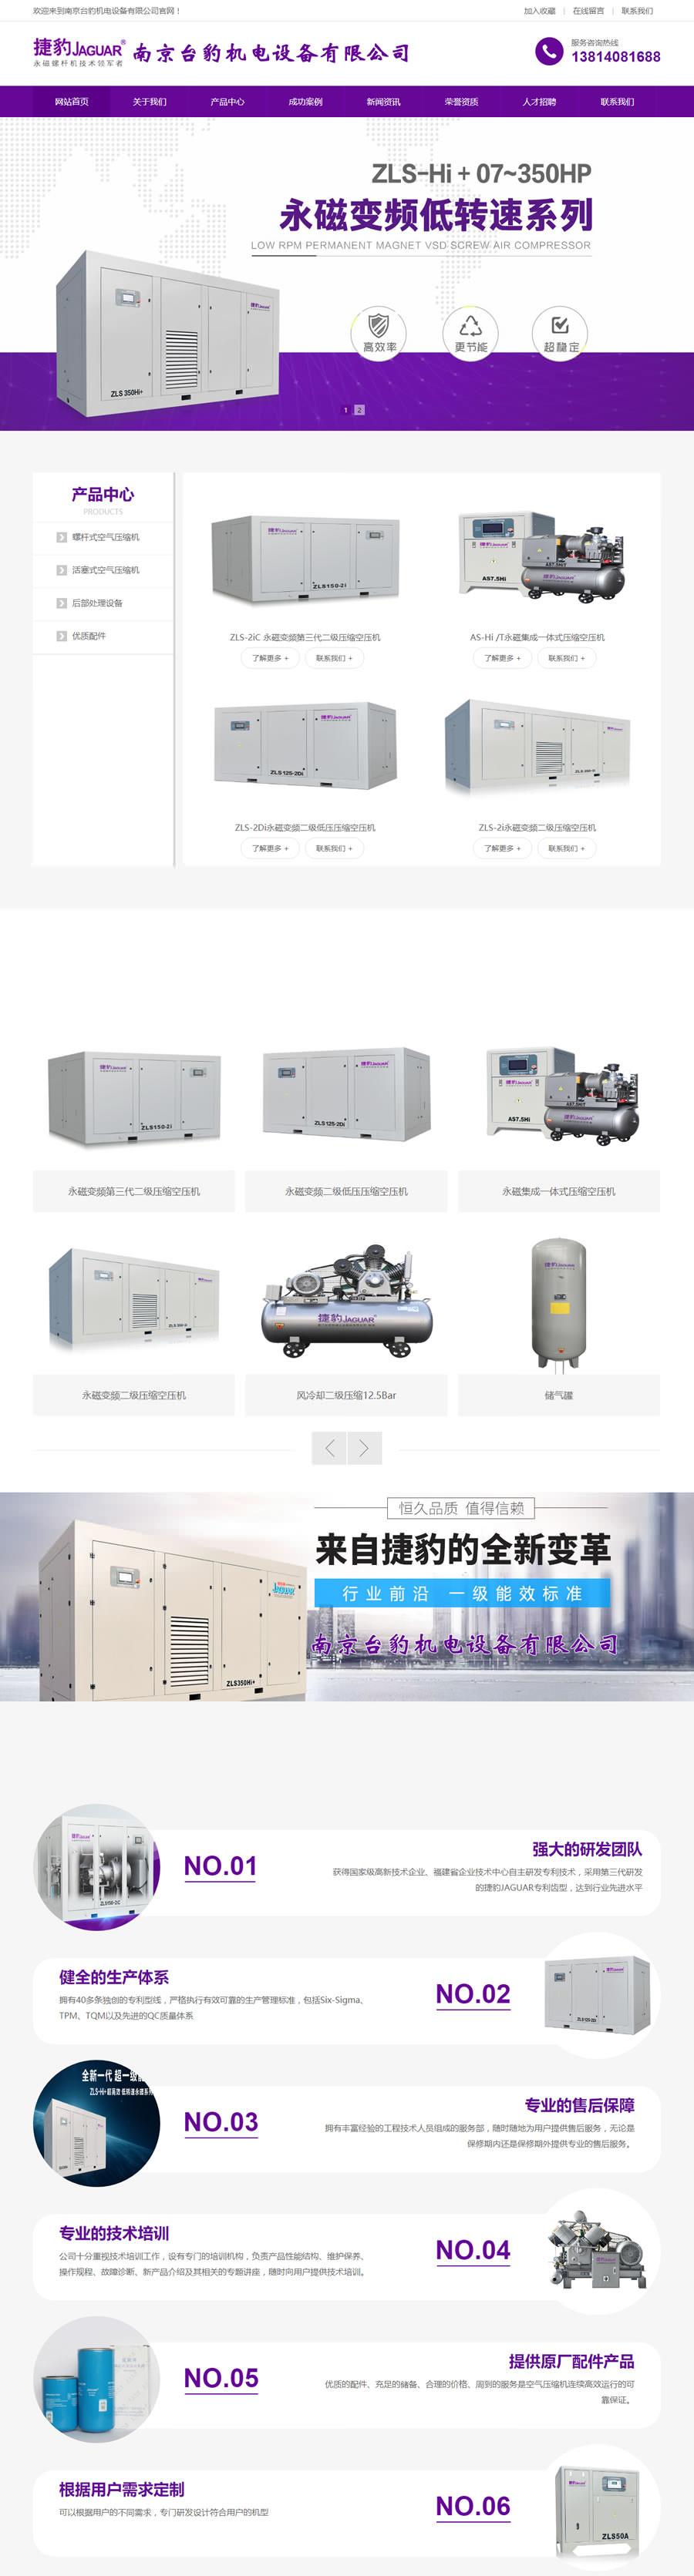 南京台豹机电设备有限公司.jpg